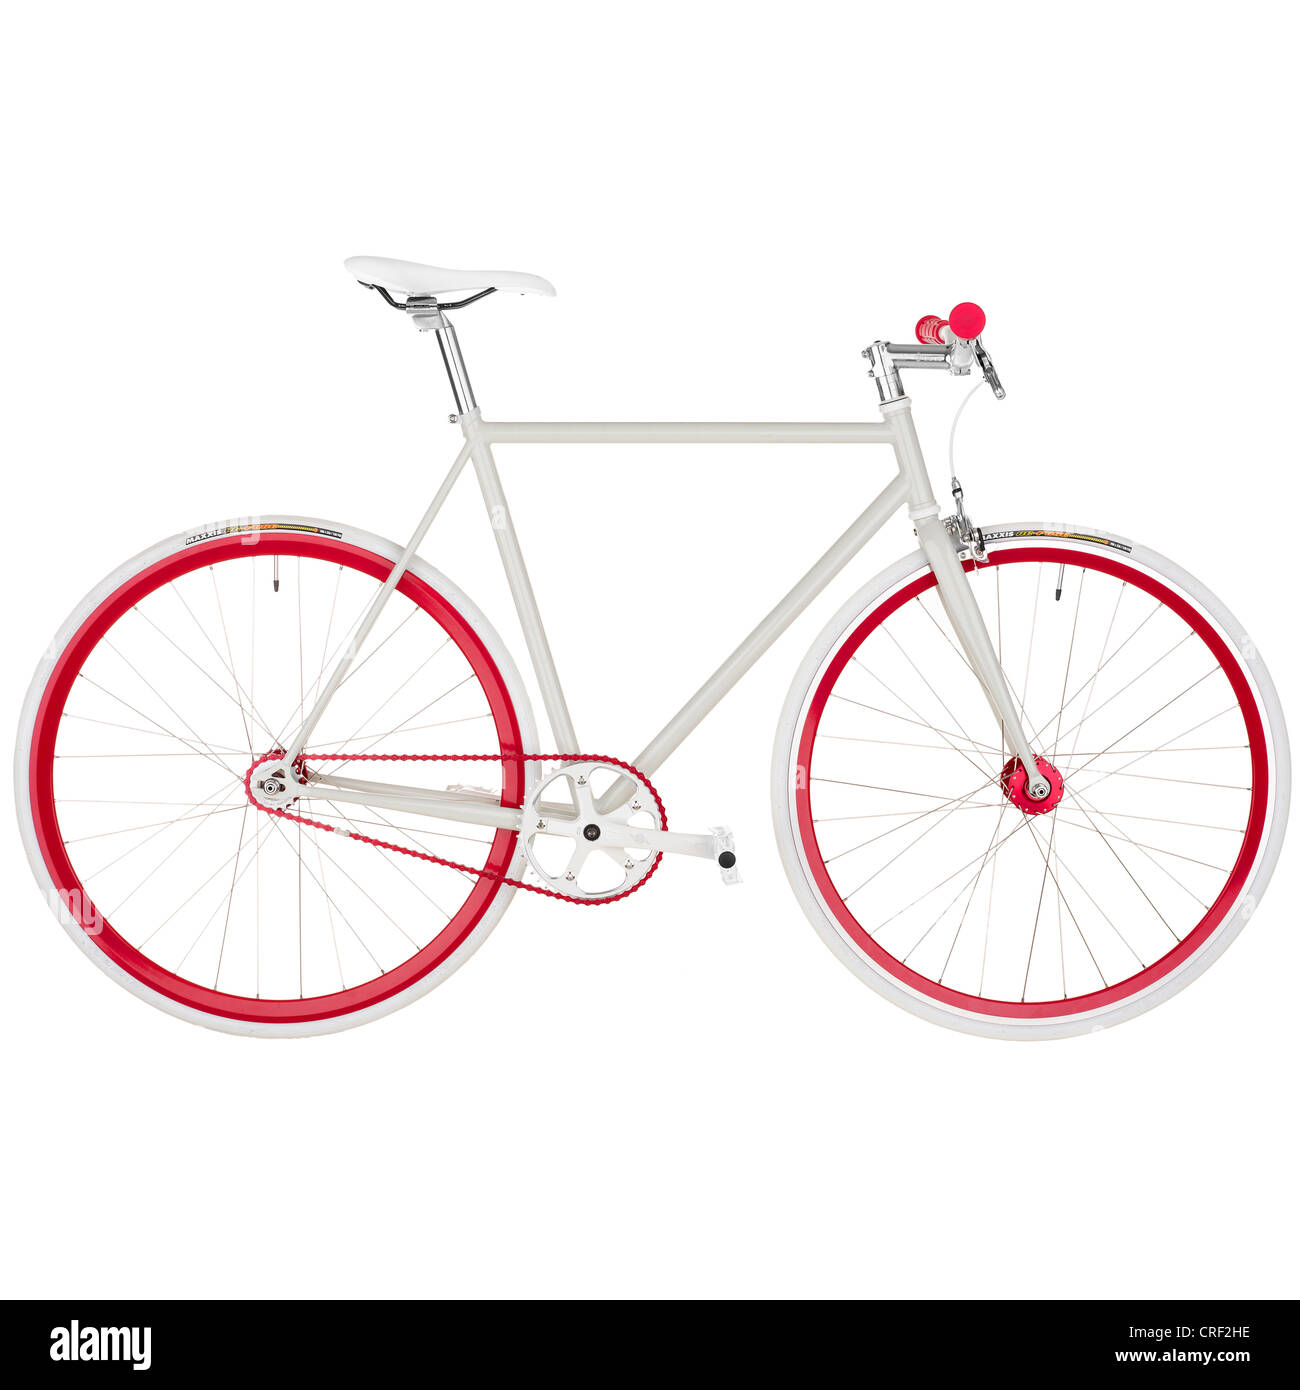 Bicicleta de color rojo y blanco. Marcha fija. Imagen De Stock